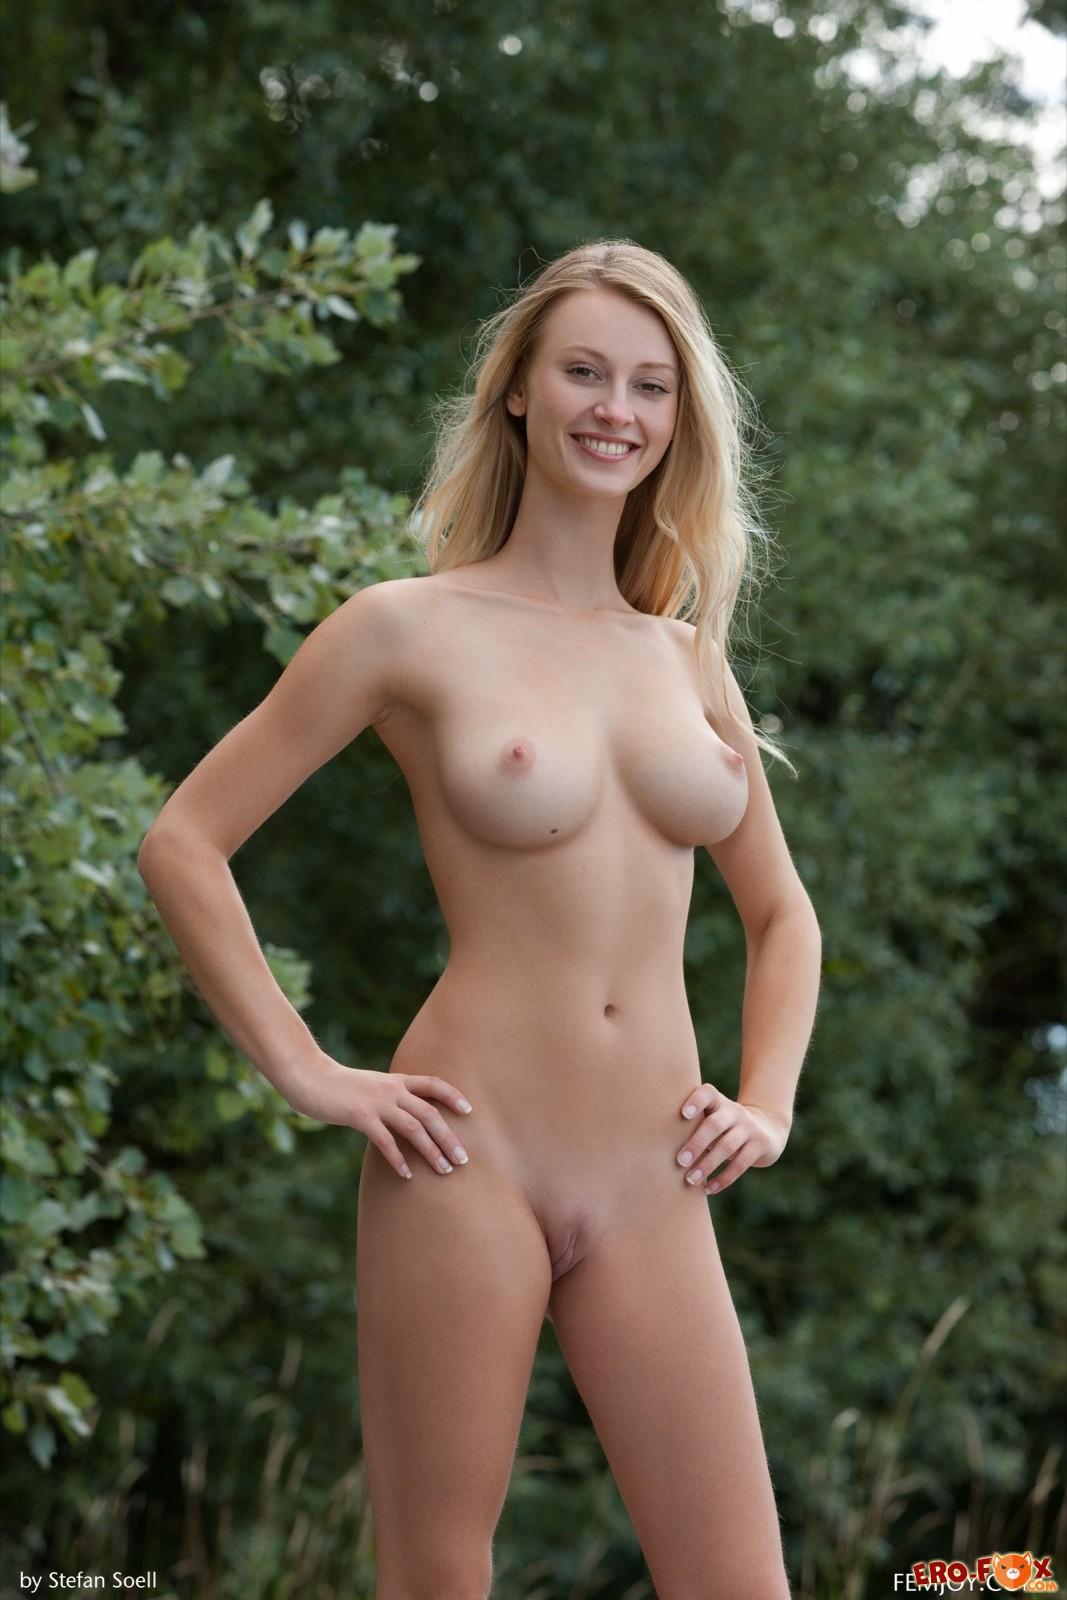 Голая блондинка с упругой грудью гуляет на природе